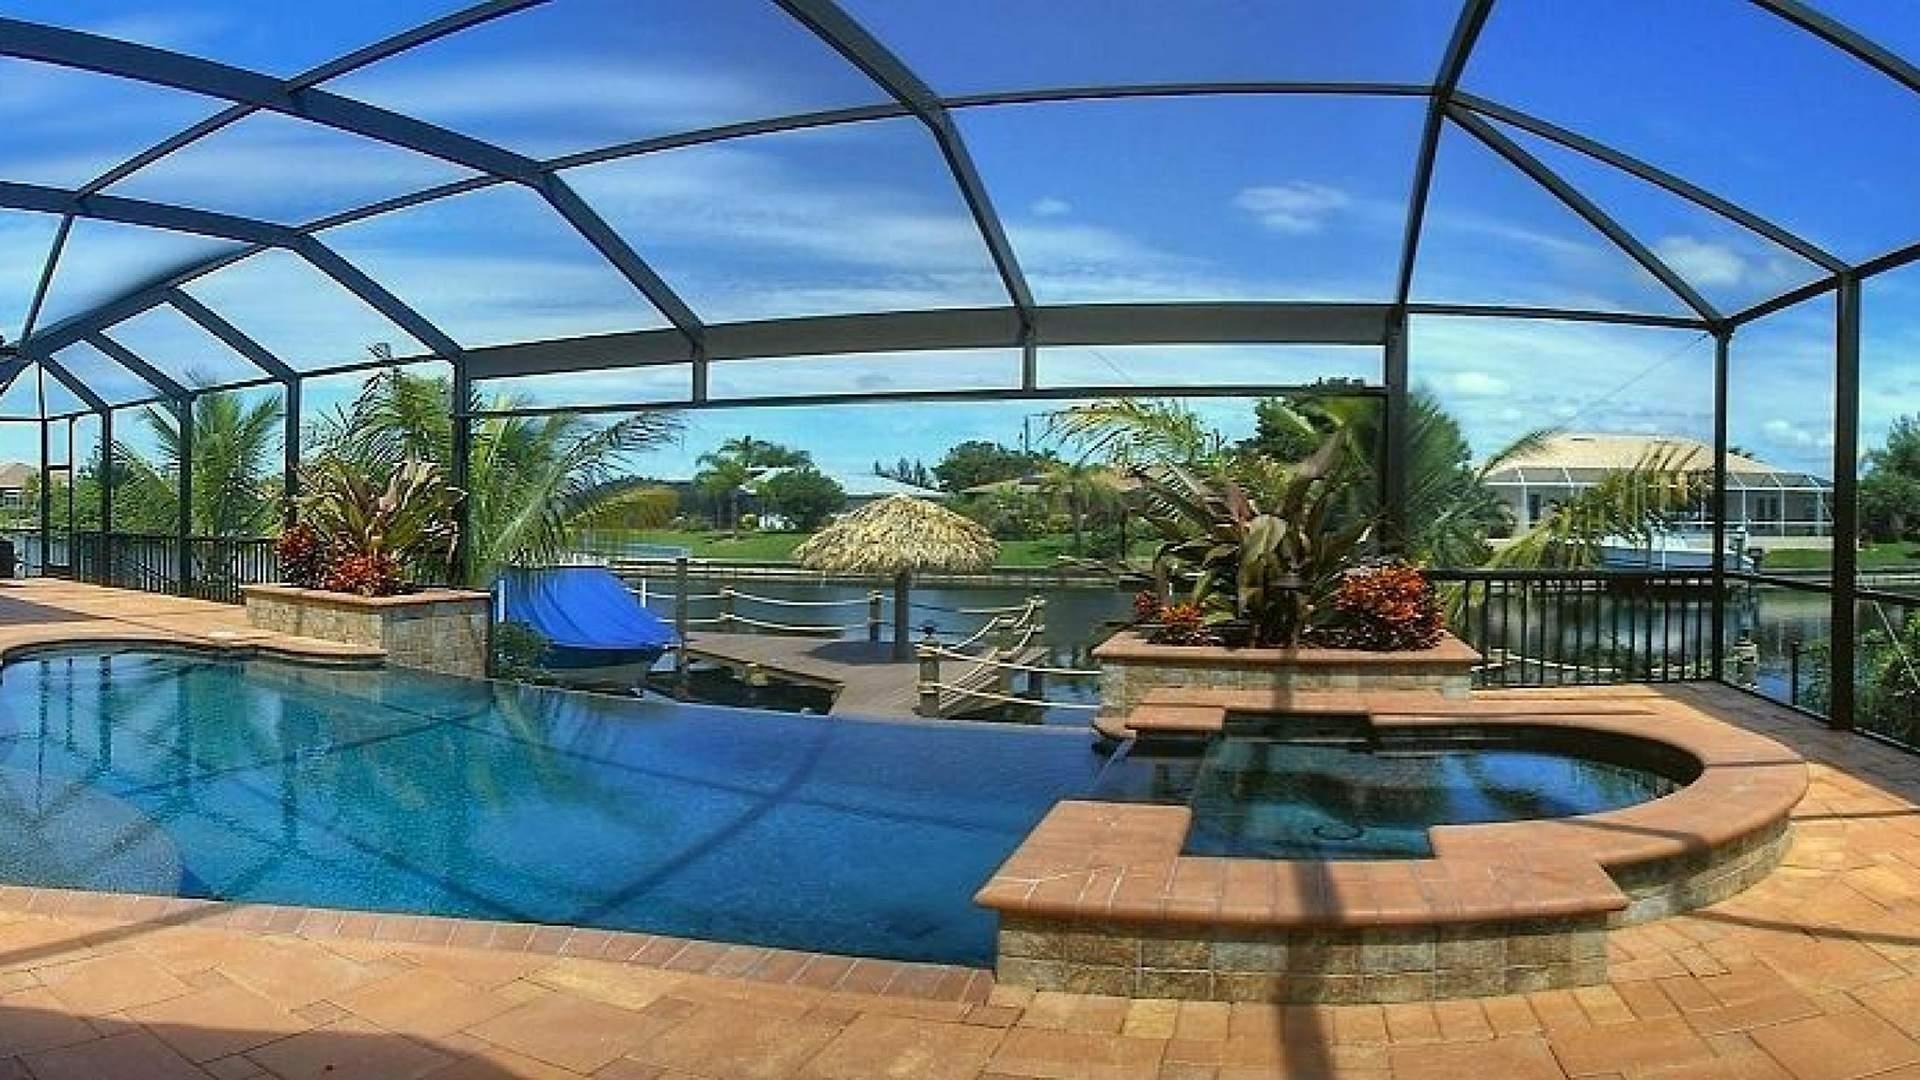 aussergewoehnliche Terrasse mit elektrisch beheizbarem Pool und Spa